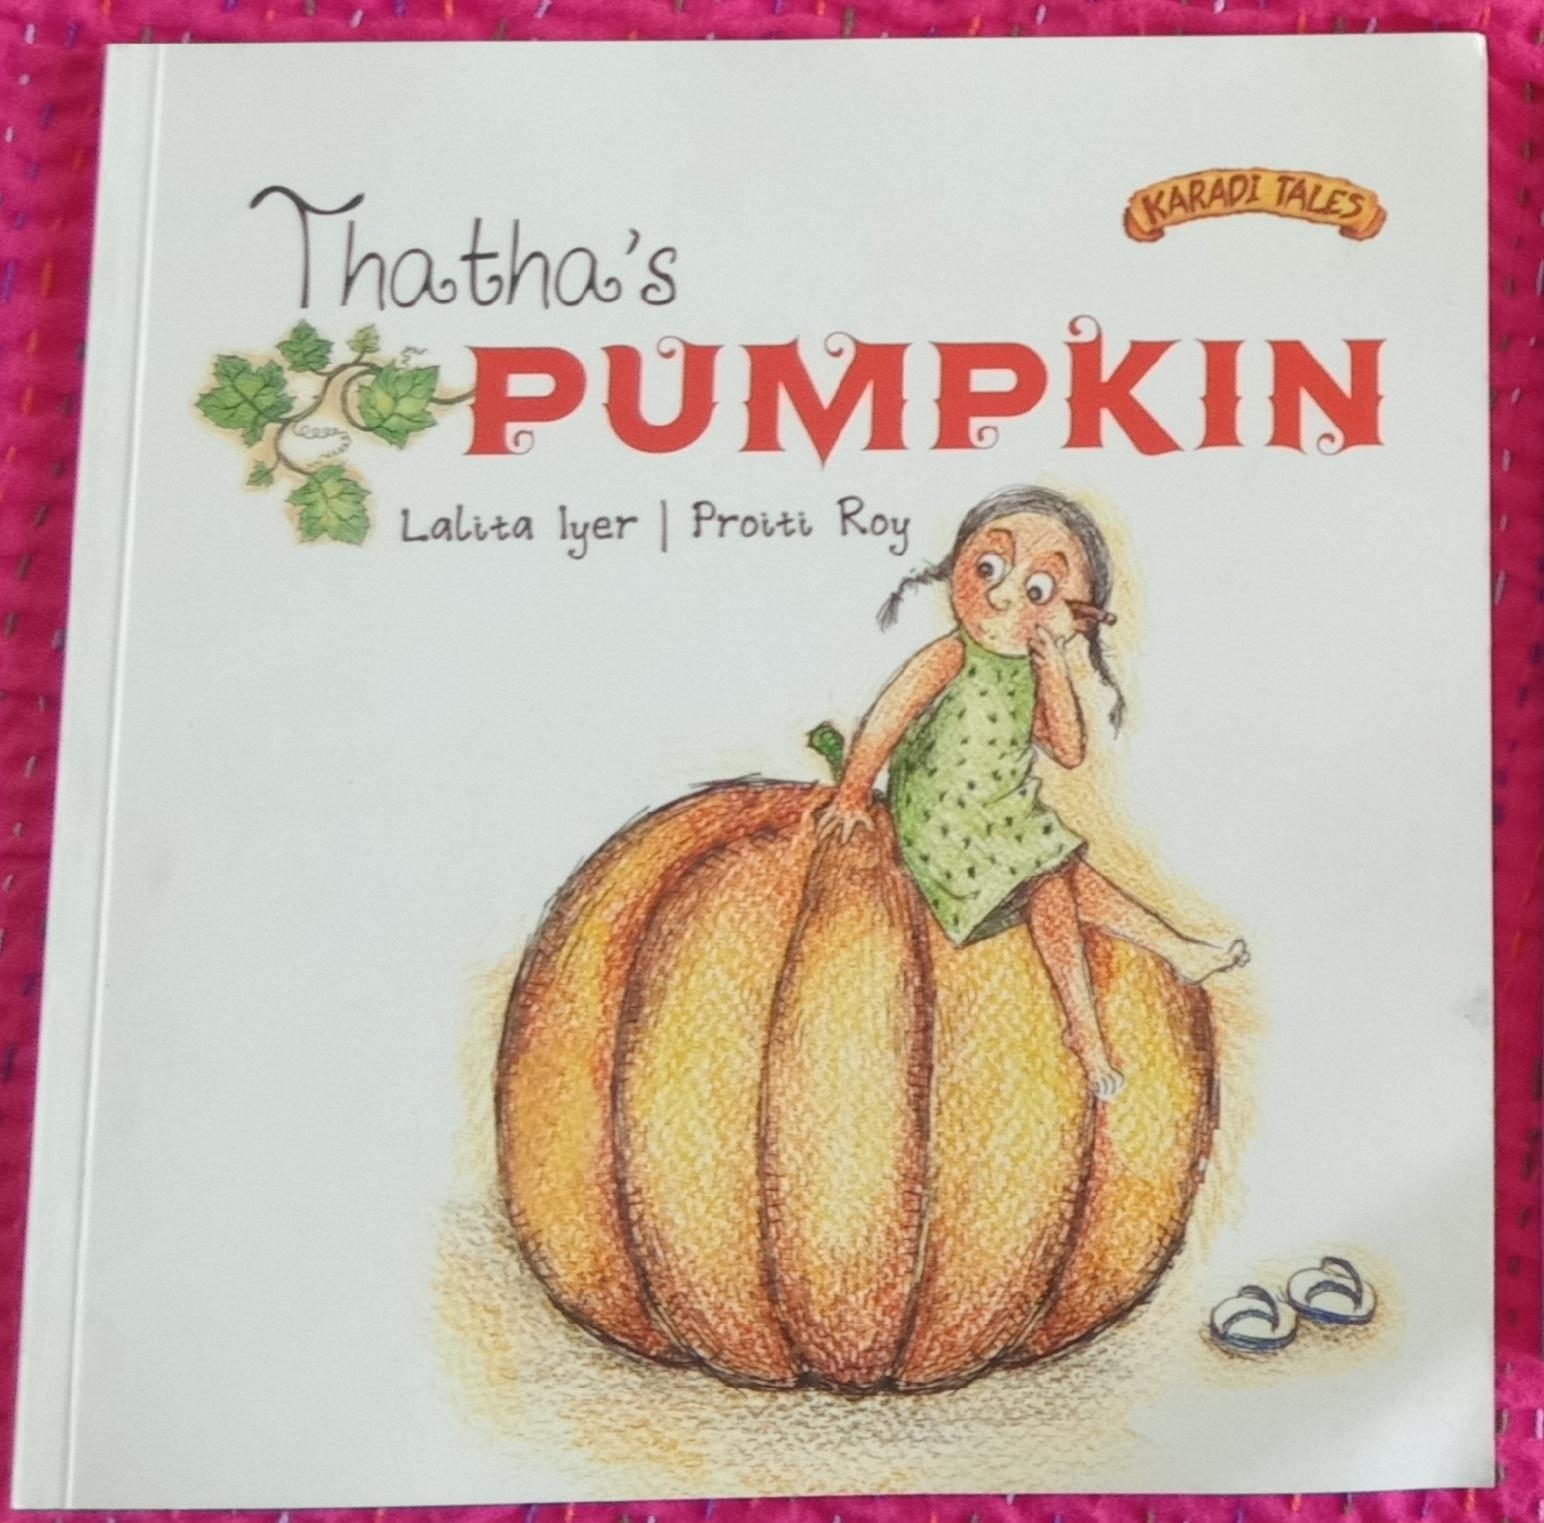 Review: Thatha's Pumpkin